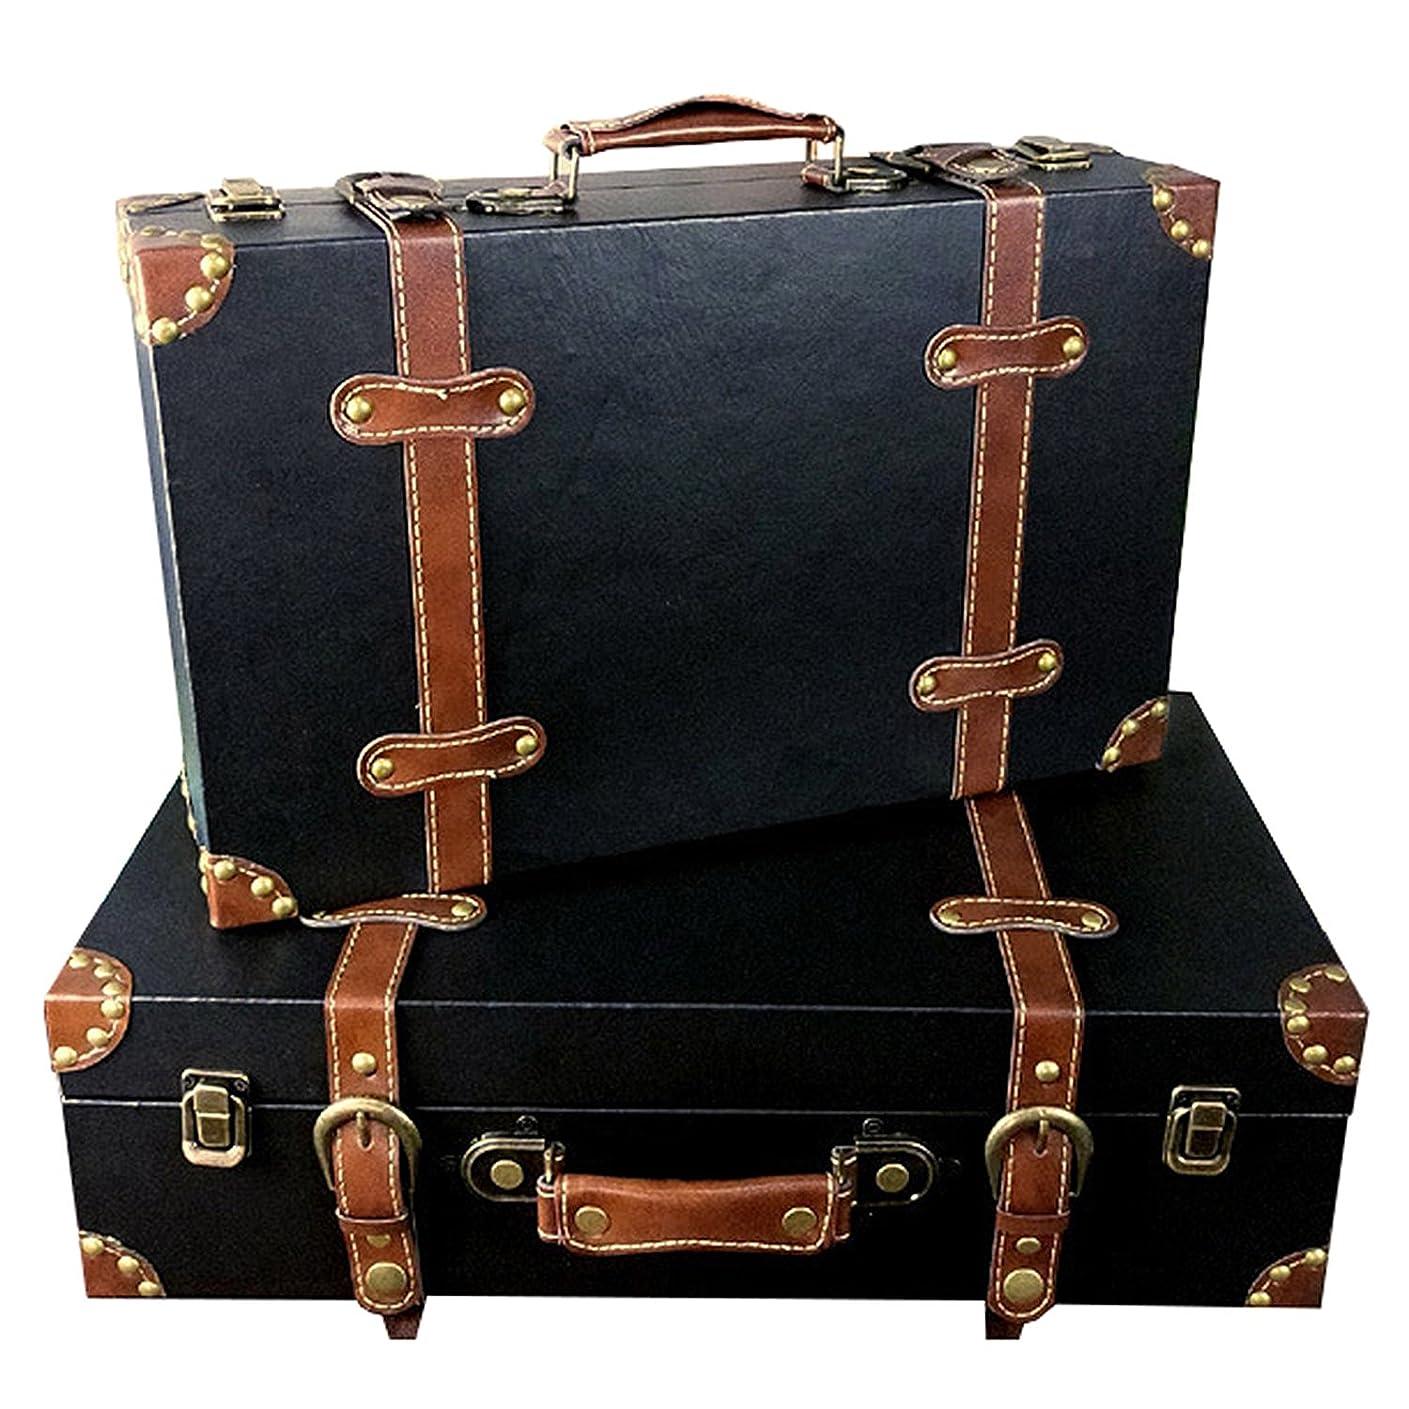 見つけるタブレット怪物[Agree With(アグリーウィズ)] スーツケース アンティーク調 トランクケース モダン レトロ ヴィンテージ 旅行 軽量